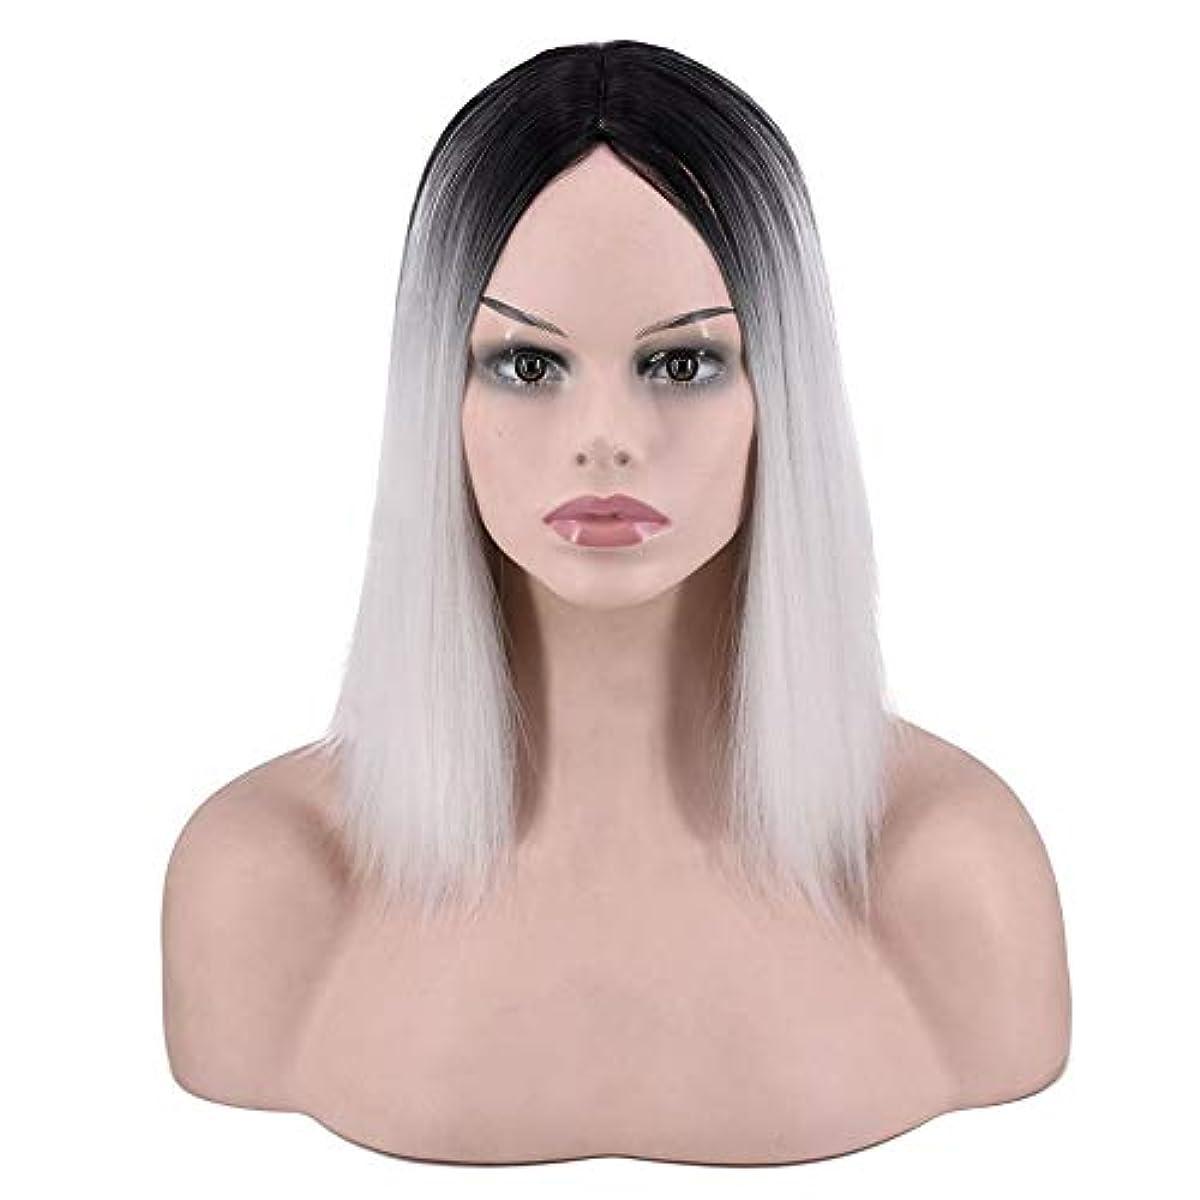 路面電車ペフ禁止するYOUQIU 女子ショートストレートウィッグ肩の長さの合成ボブヘアウィッグ耐熱フル?ヘアウィッグウィッグ (色 : Photo Color)